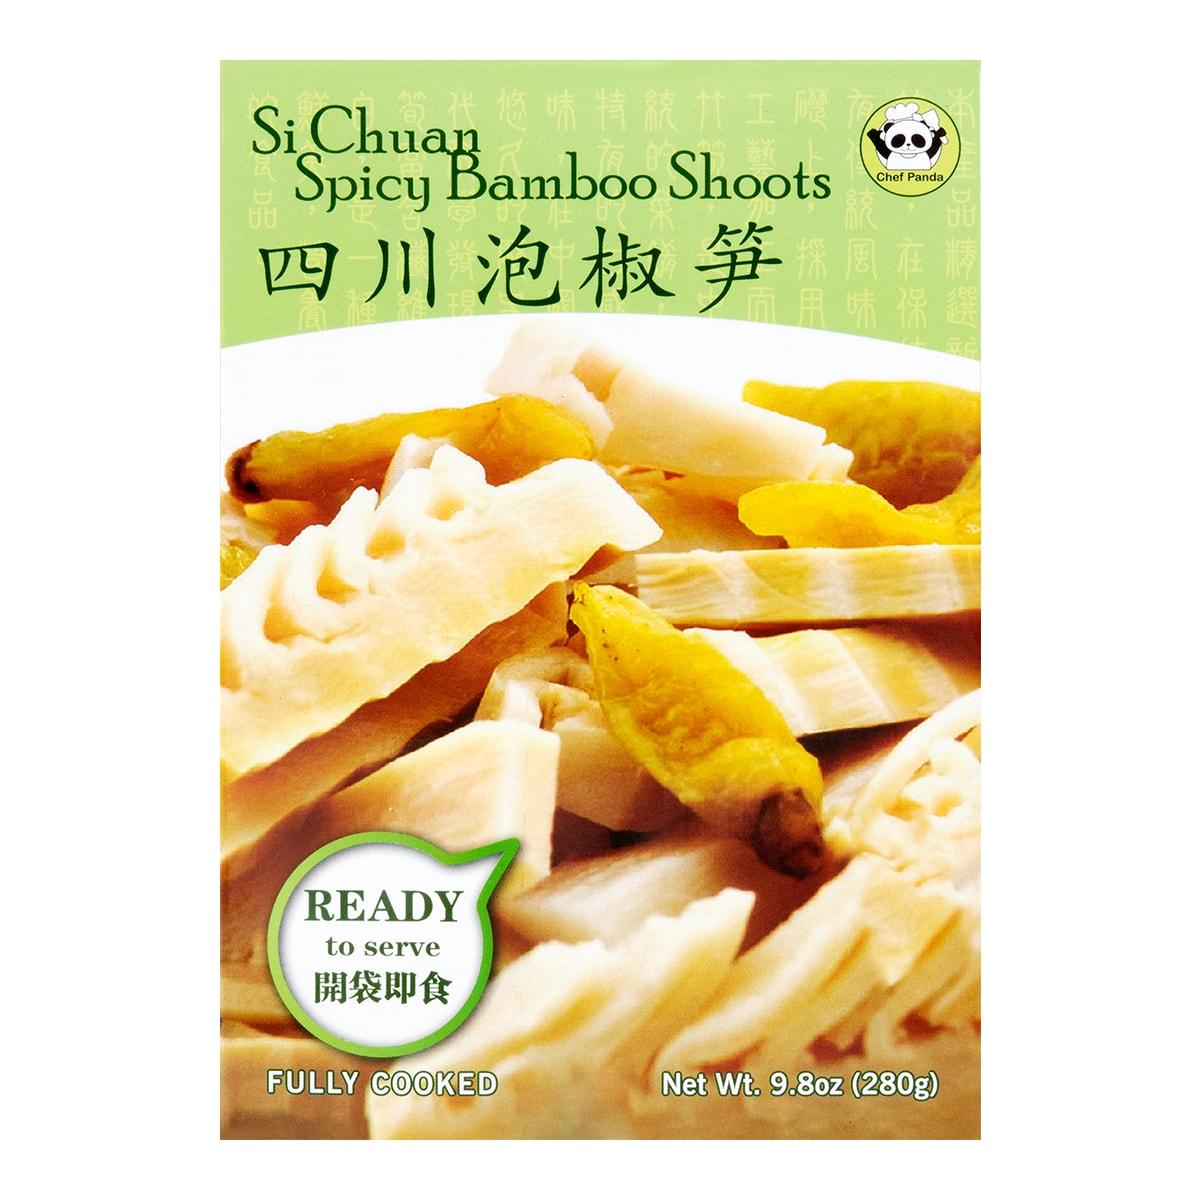 新健康 即食四川泡椒笋 280g